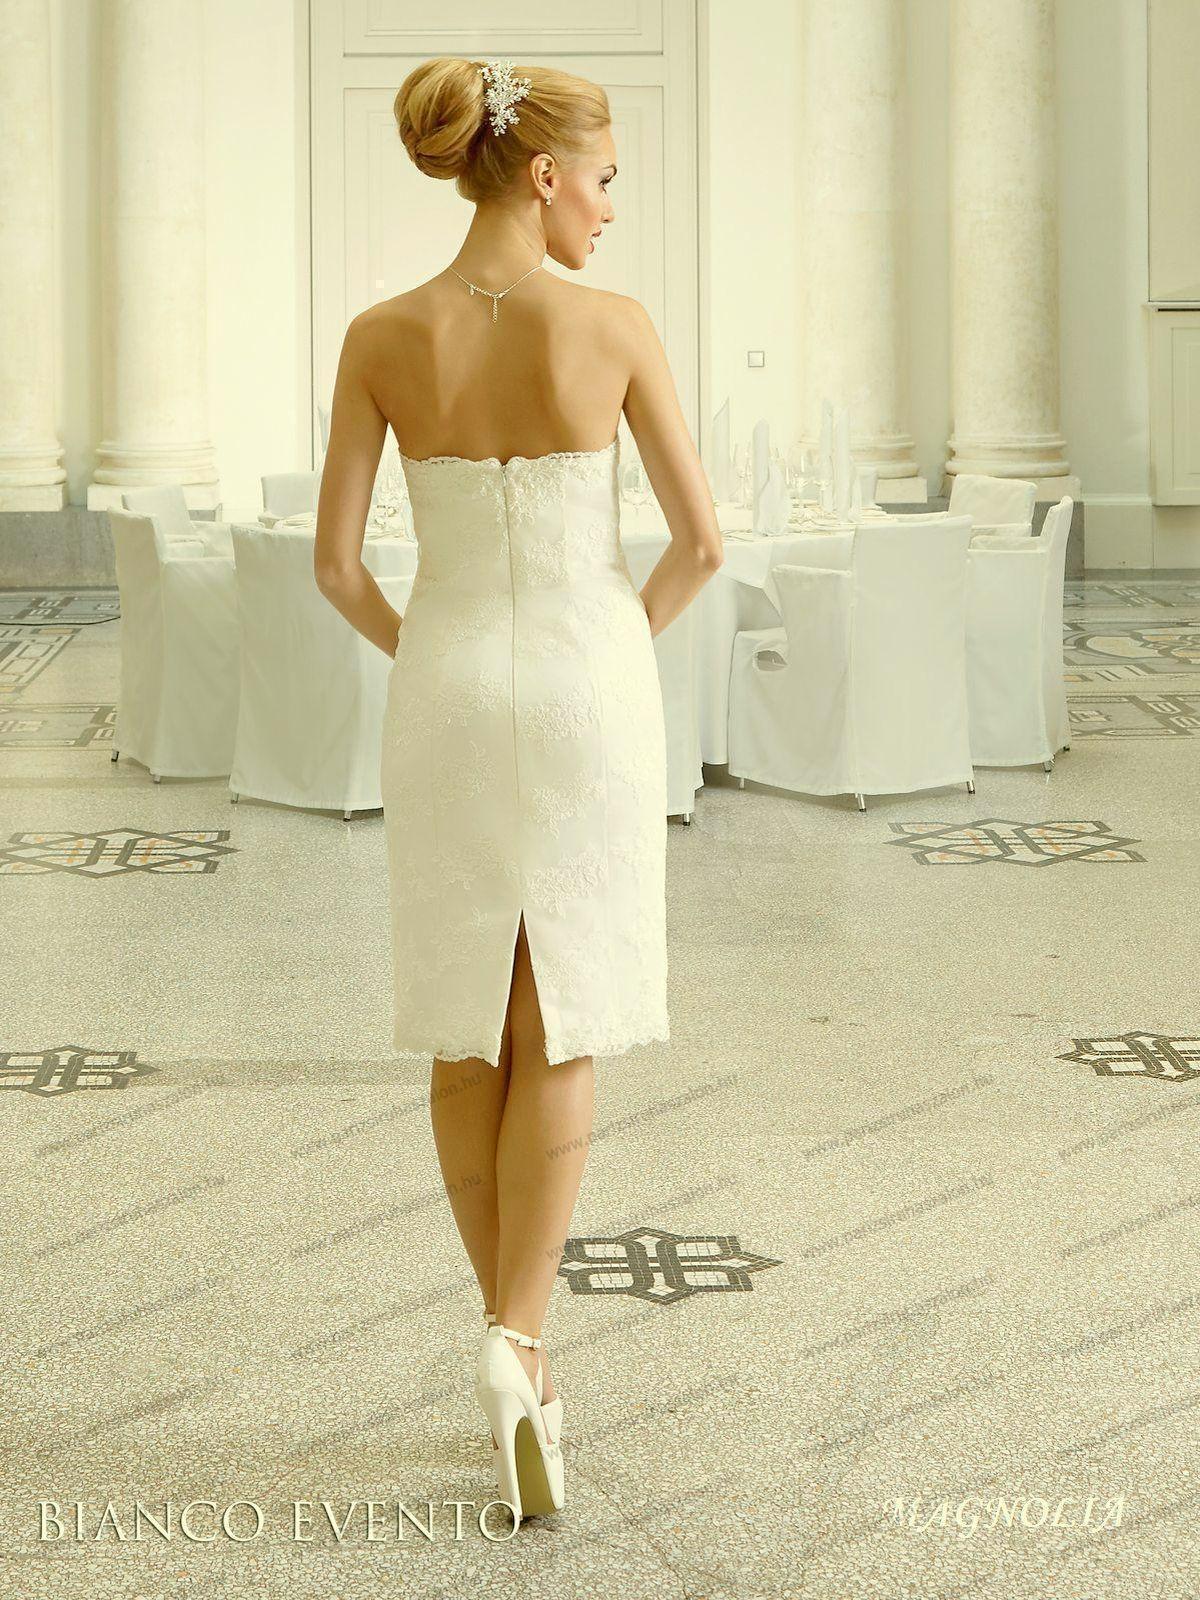 d92a3d2c3b Magnolia rövid esküvői ruha   Olasz esküvői és alkalmi ruhaszalon